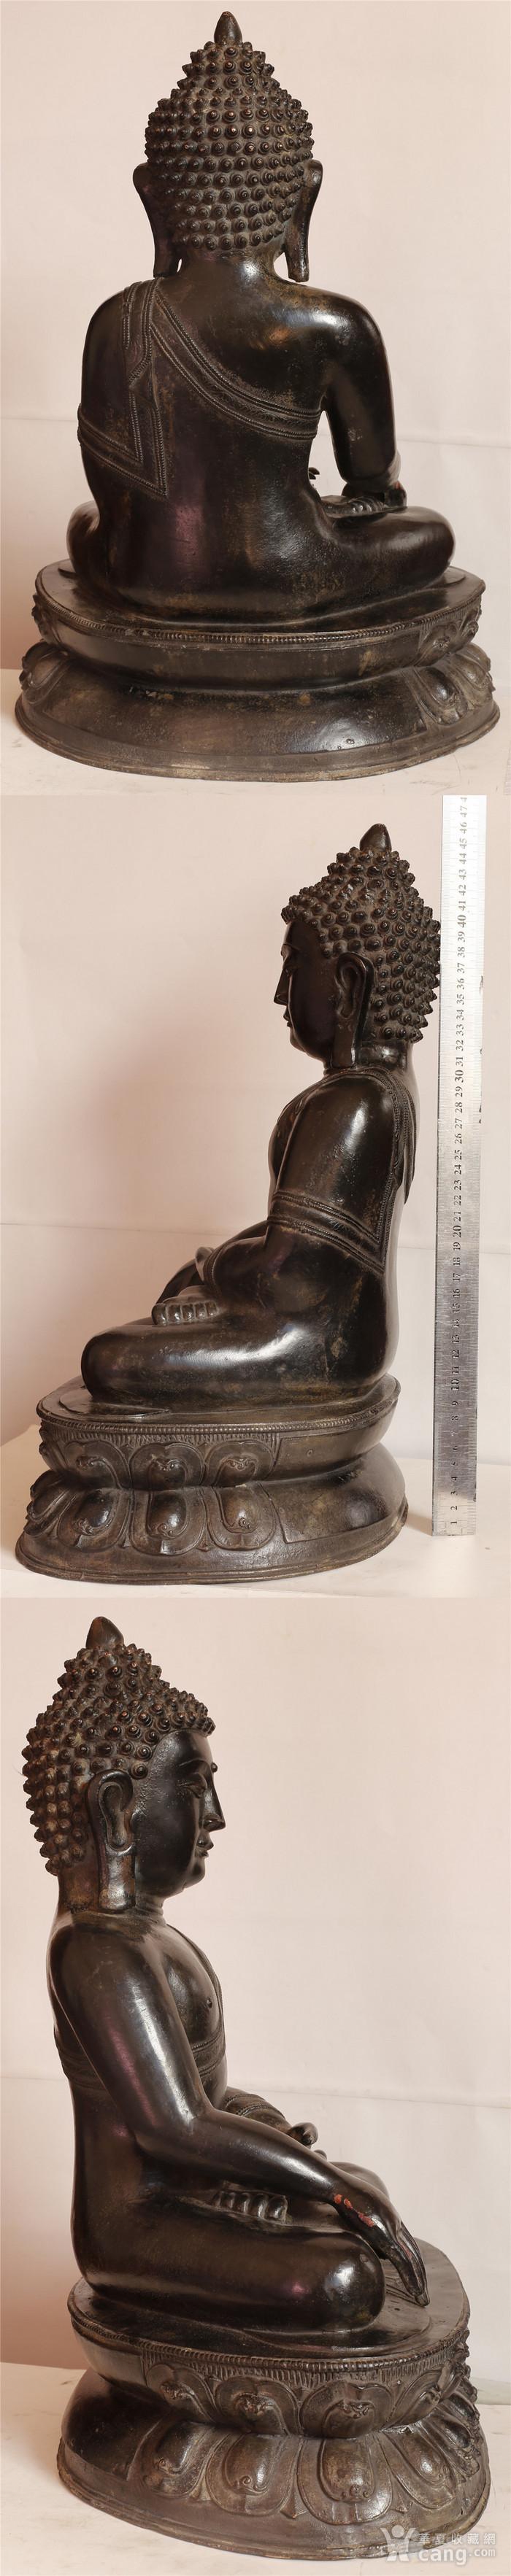 重33斤高47厘米  清中期释迦摩尼铜佛像图4